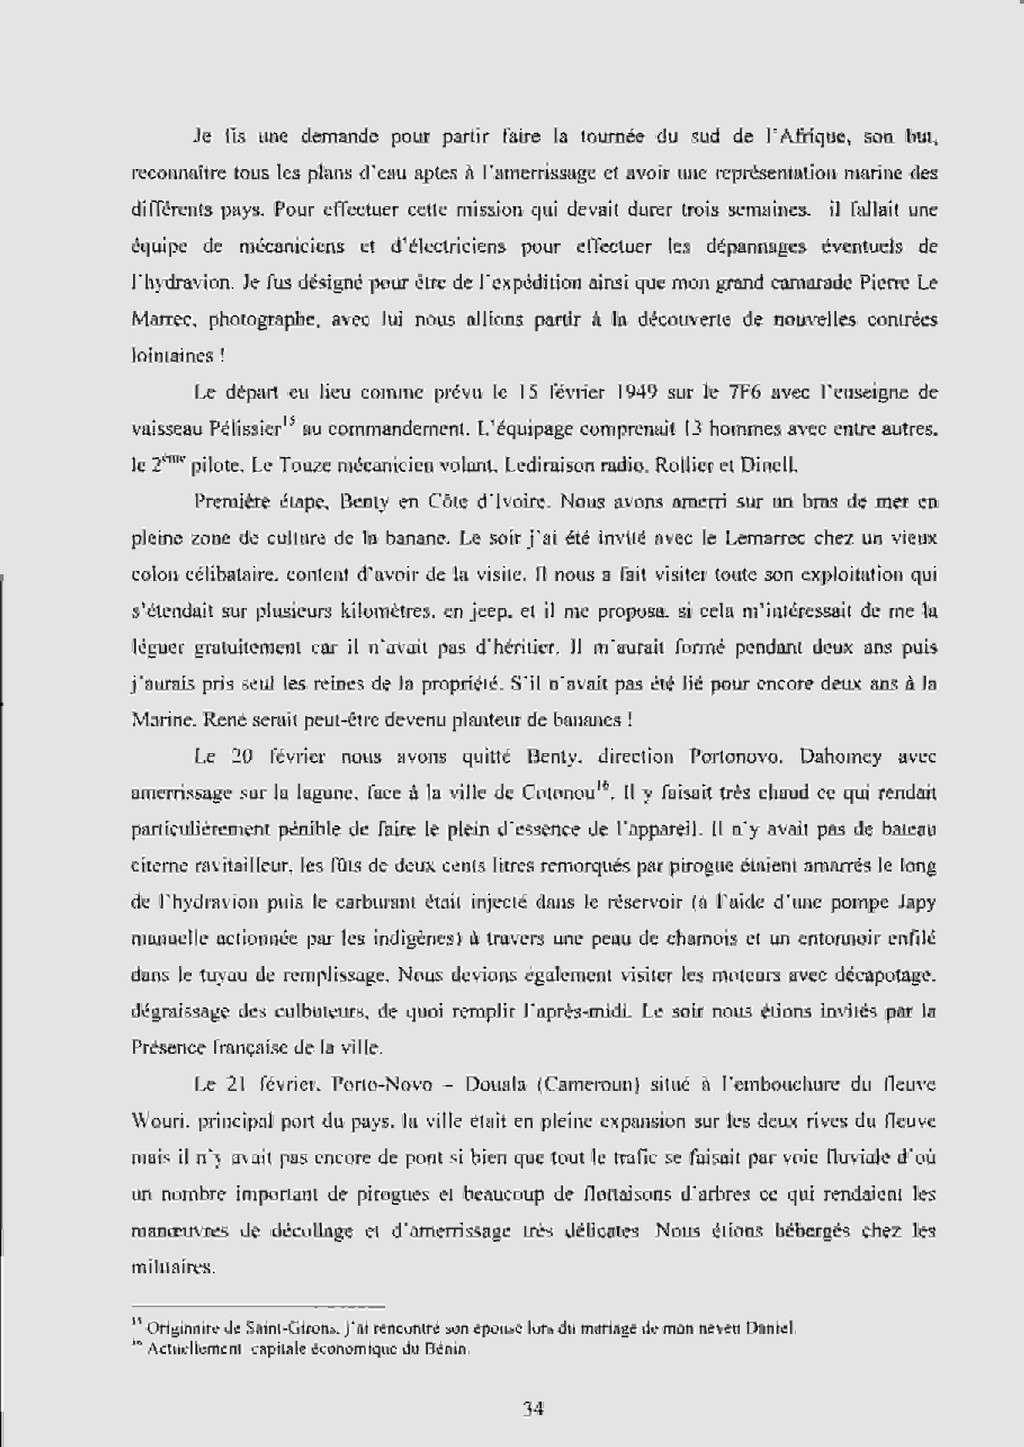 """[Les anciens avions de l'aéro] Hydravion SHORT """"SUNDERLAND"""" Dakar_13"""